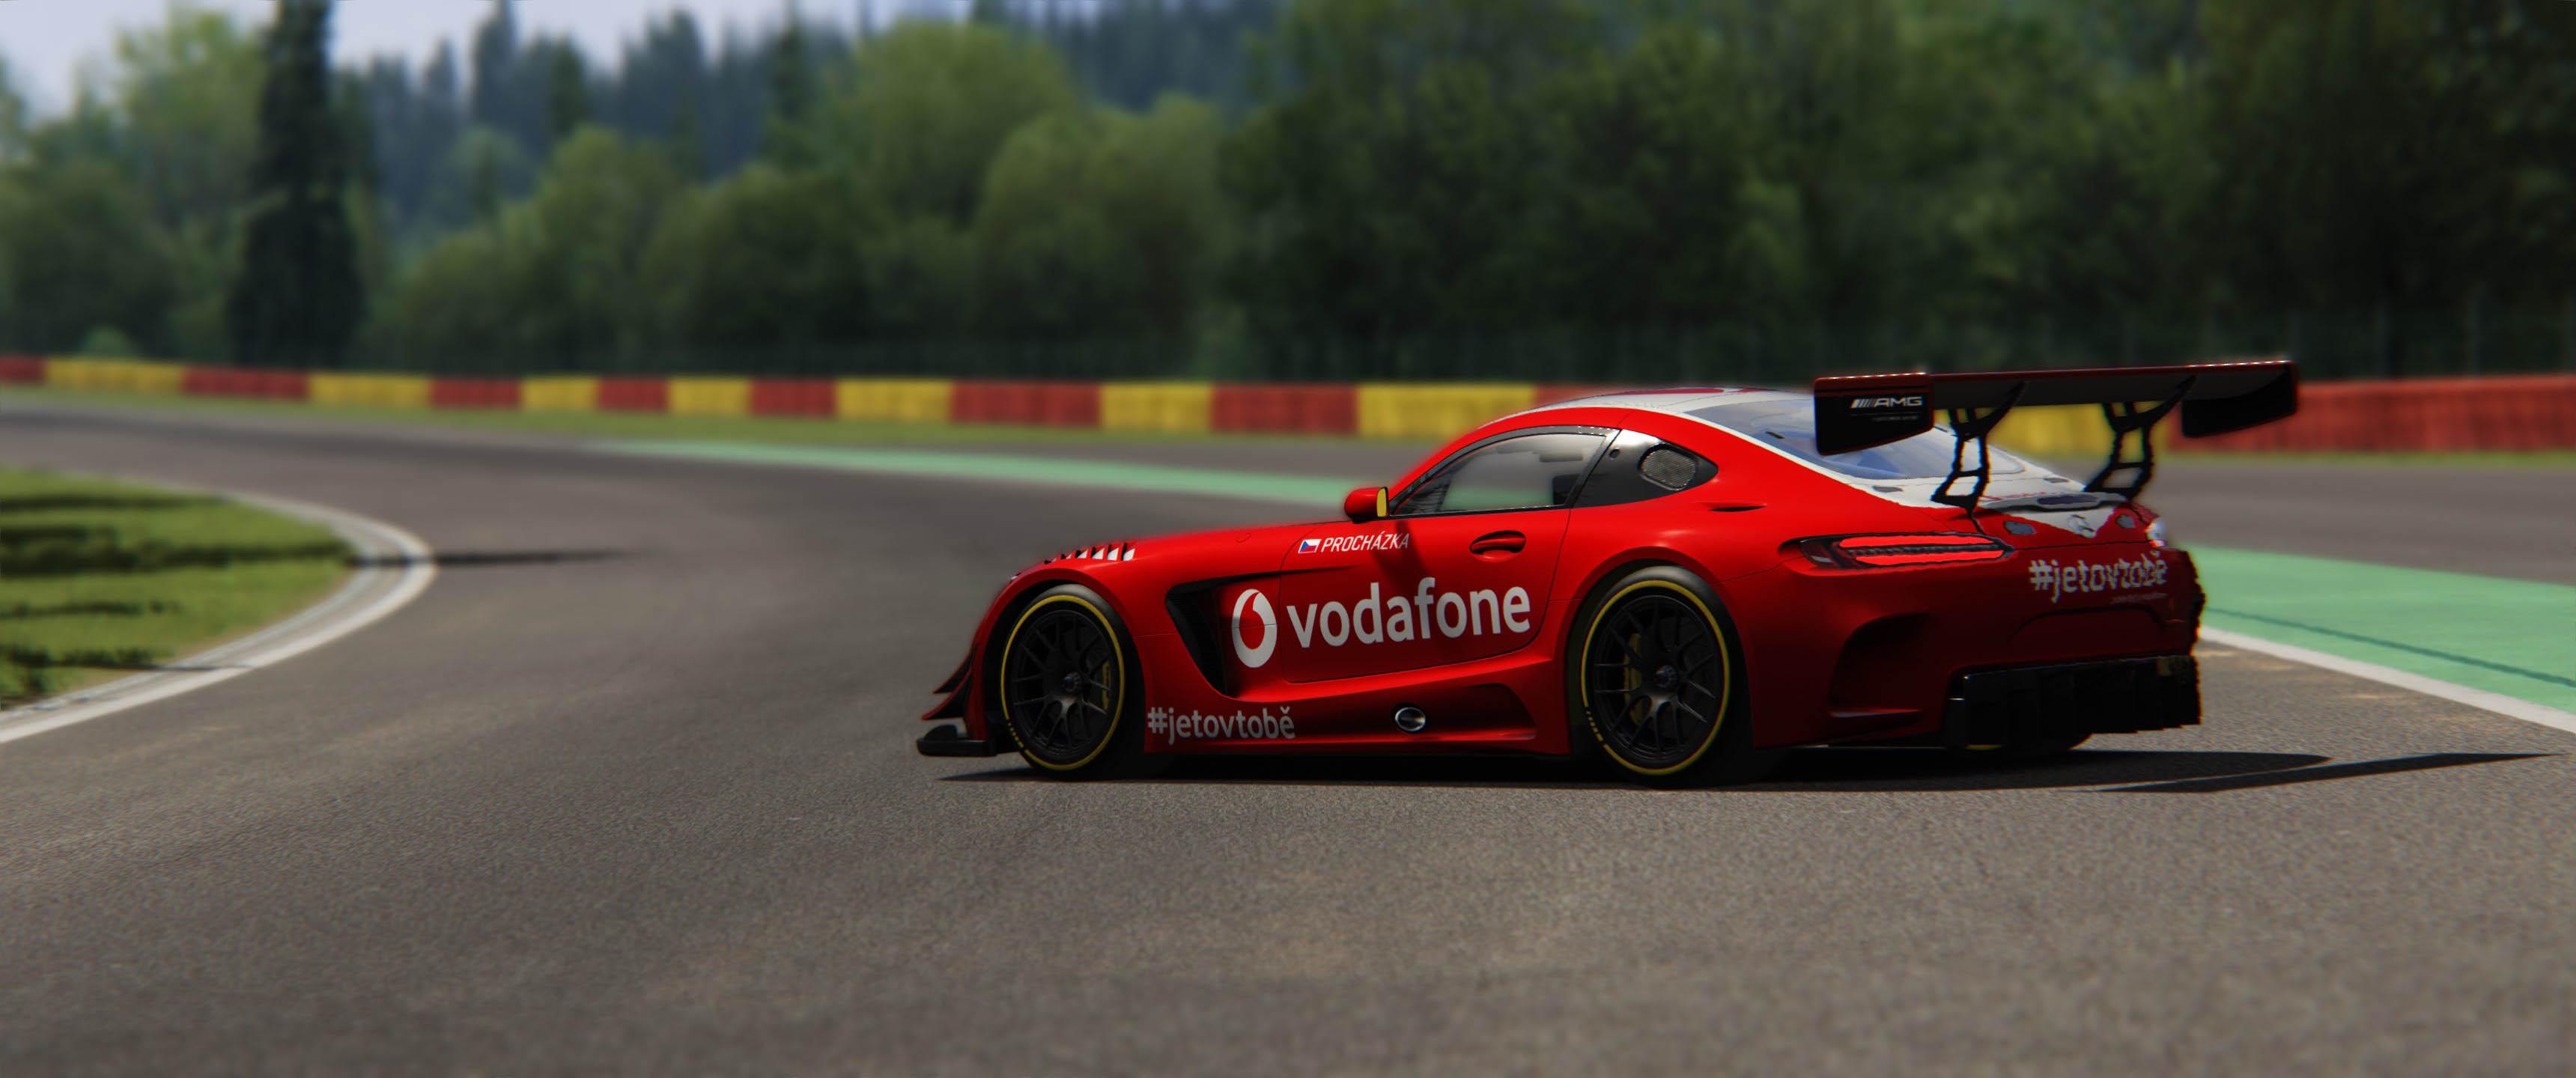 Vodafone_Shot_web